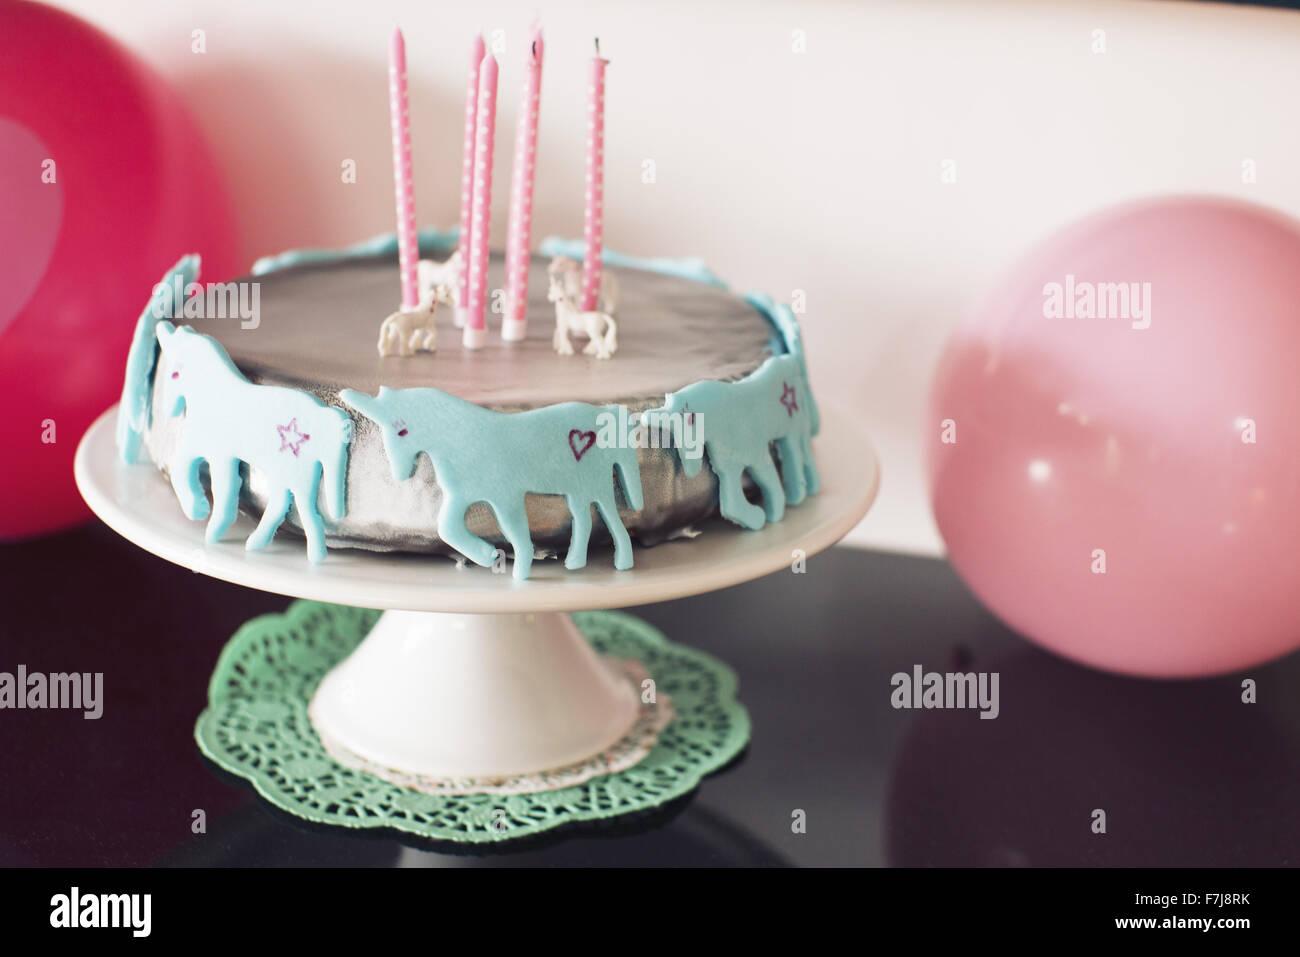 Torta di compleanno decorata con unicorns Immagini Stock